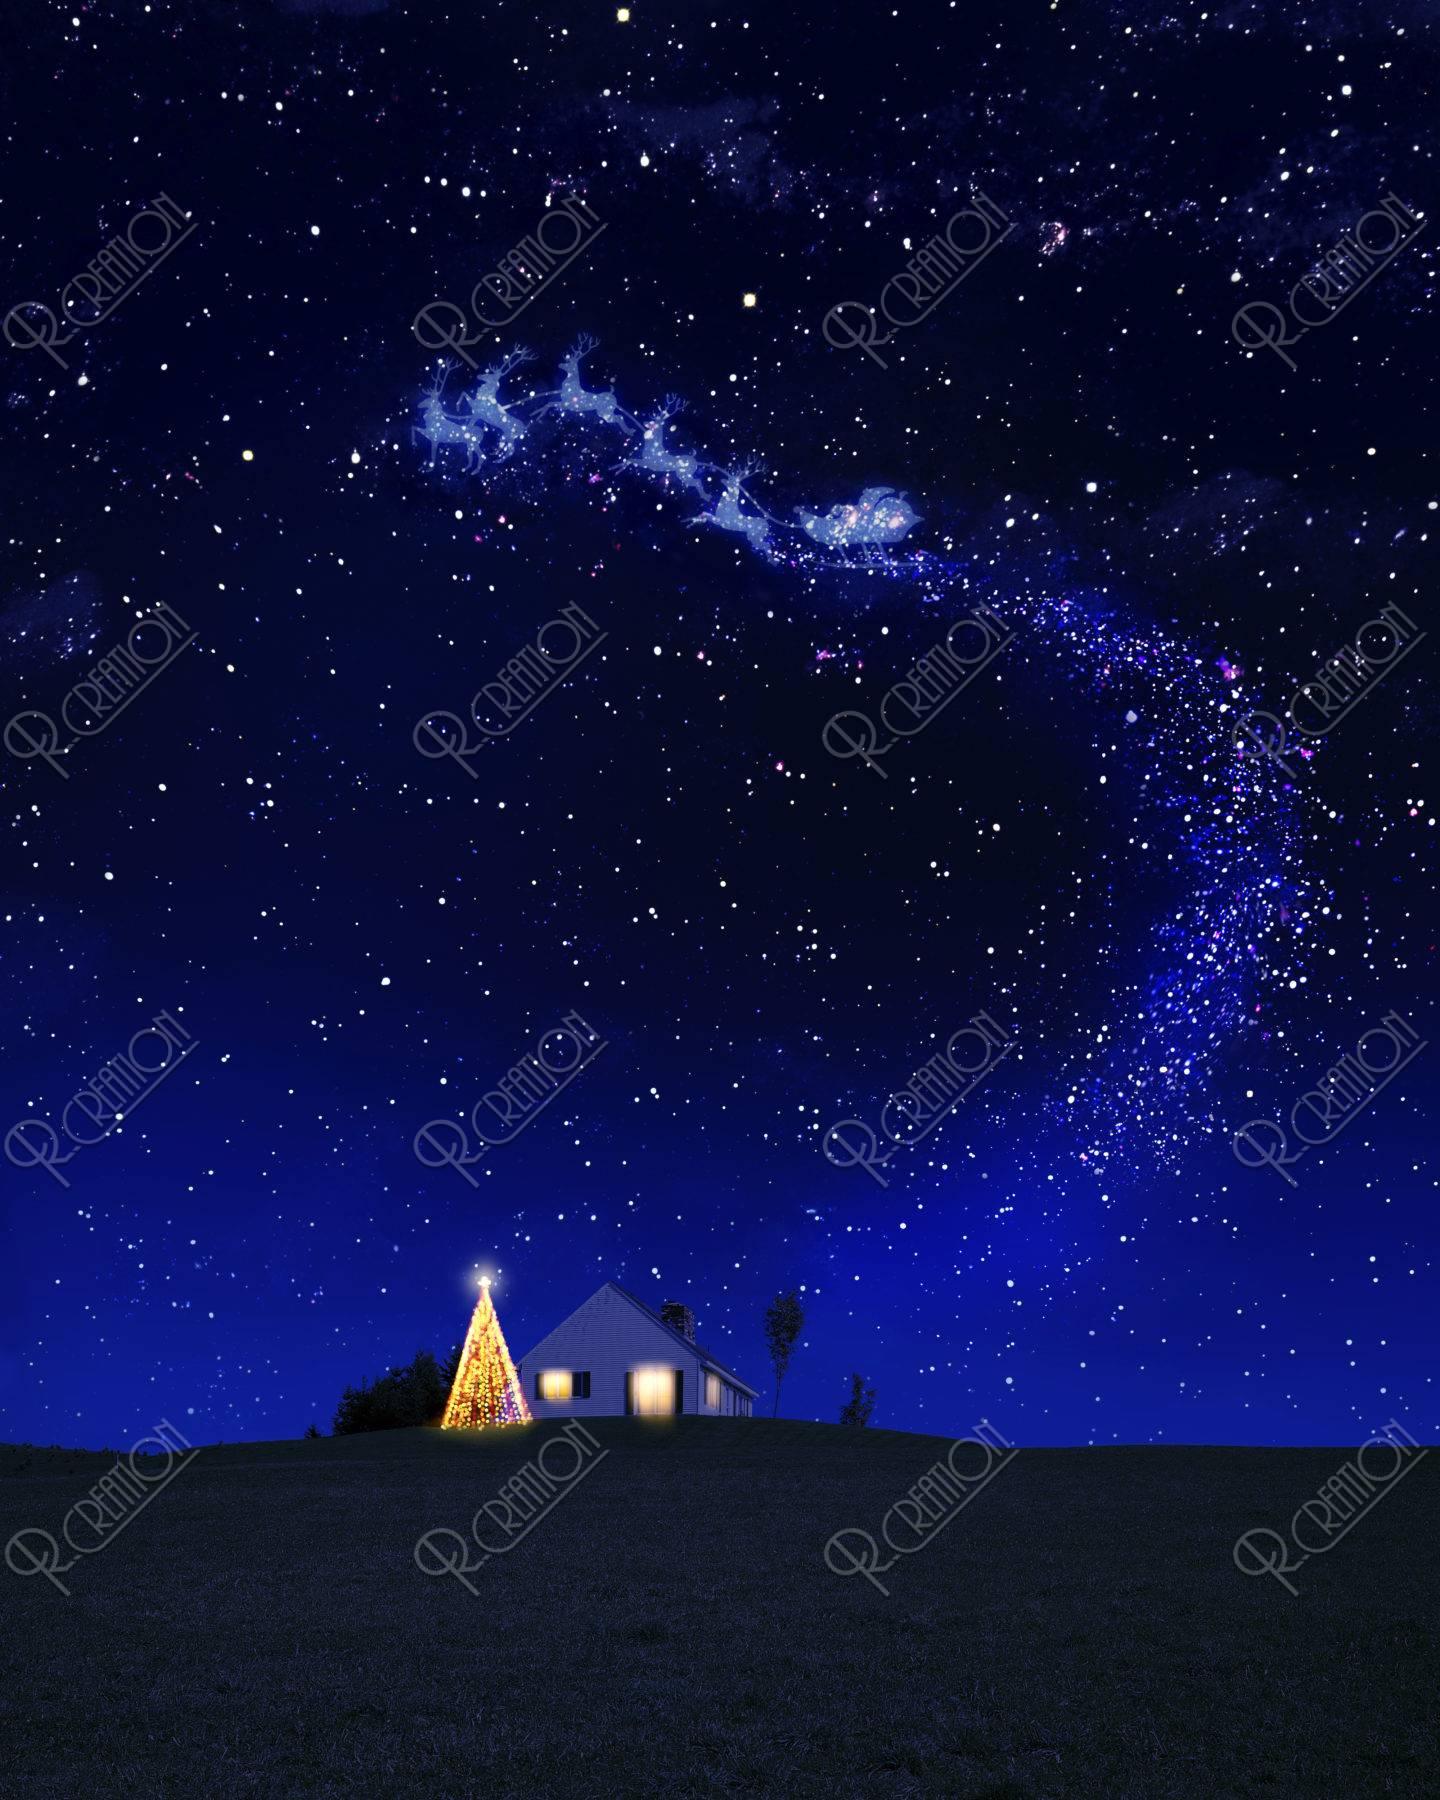 星空のクリスマスツリーと家とトナカイ CG